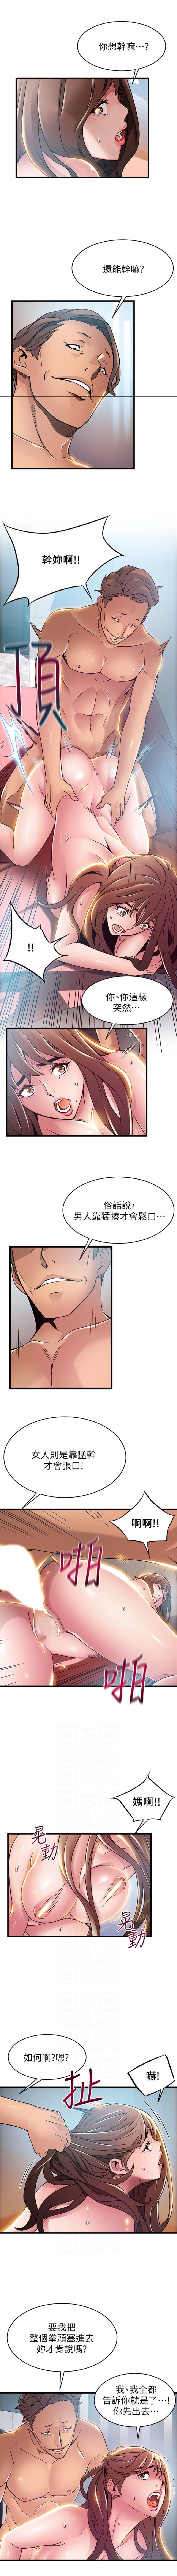 (週7)弱點 1-76 中文翻譯(更新中) 262